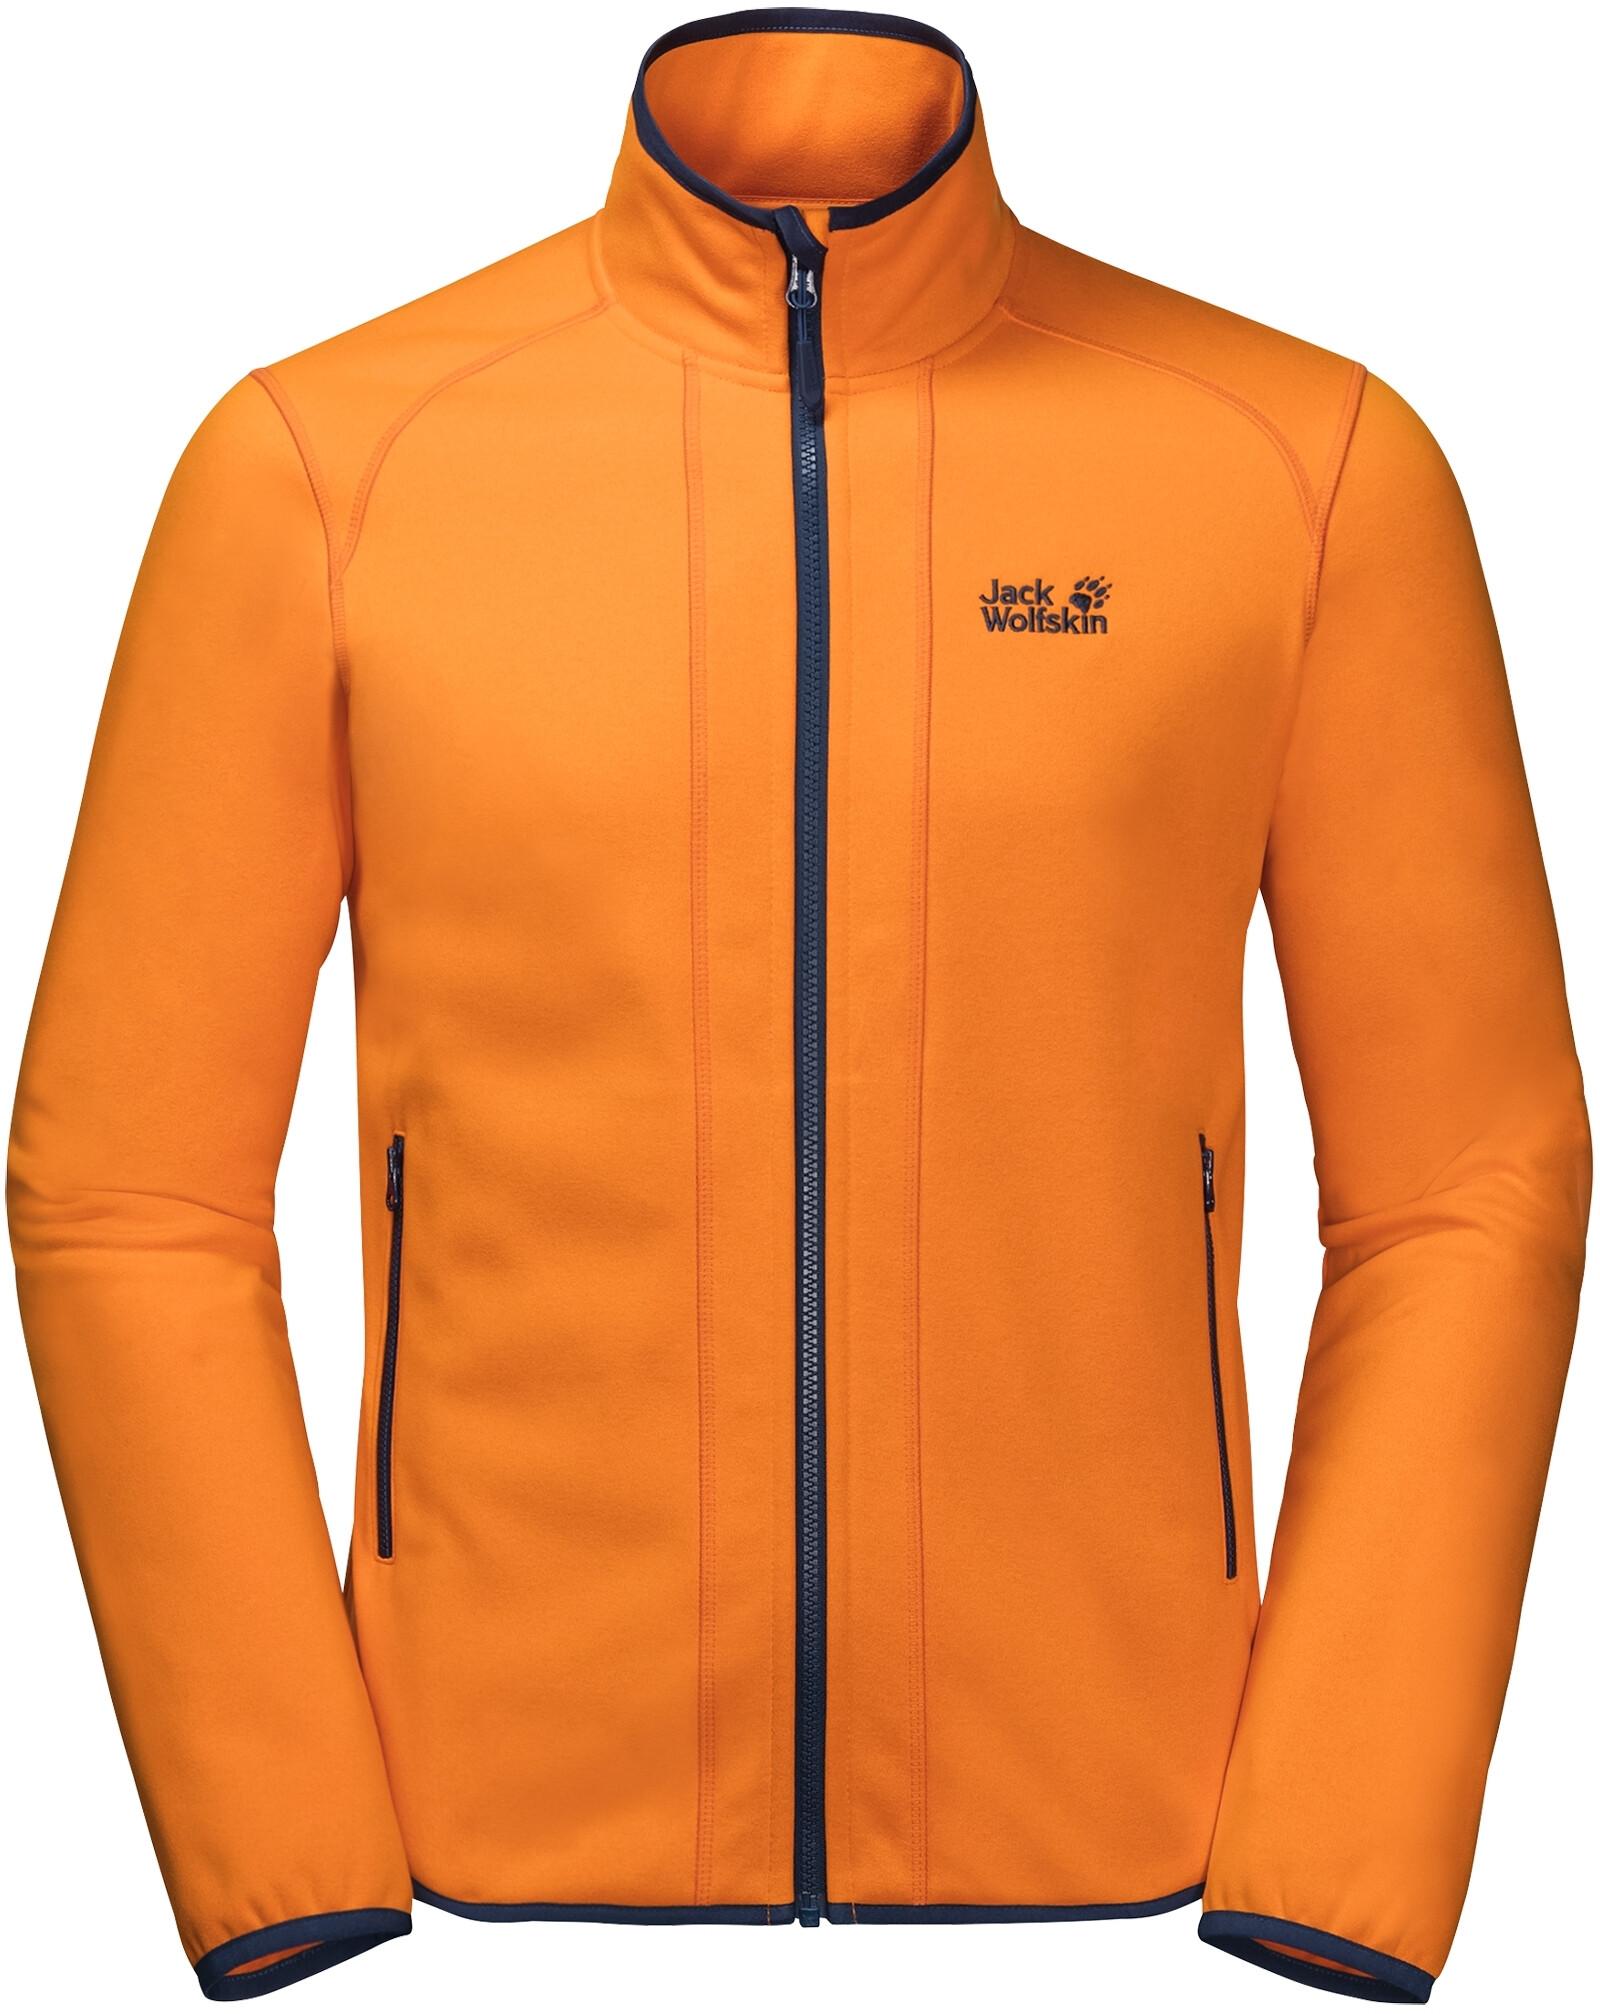 buy popular 3835e b0f55 Jack Wolfskin Hydro Jacke Herren rusty orange